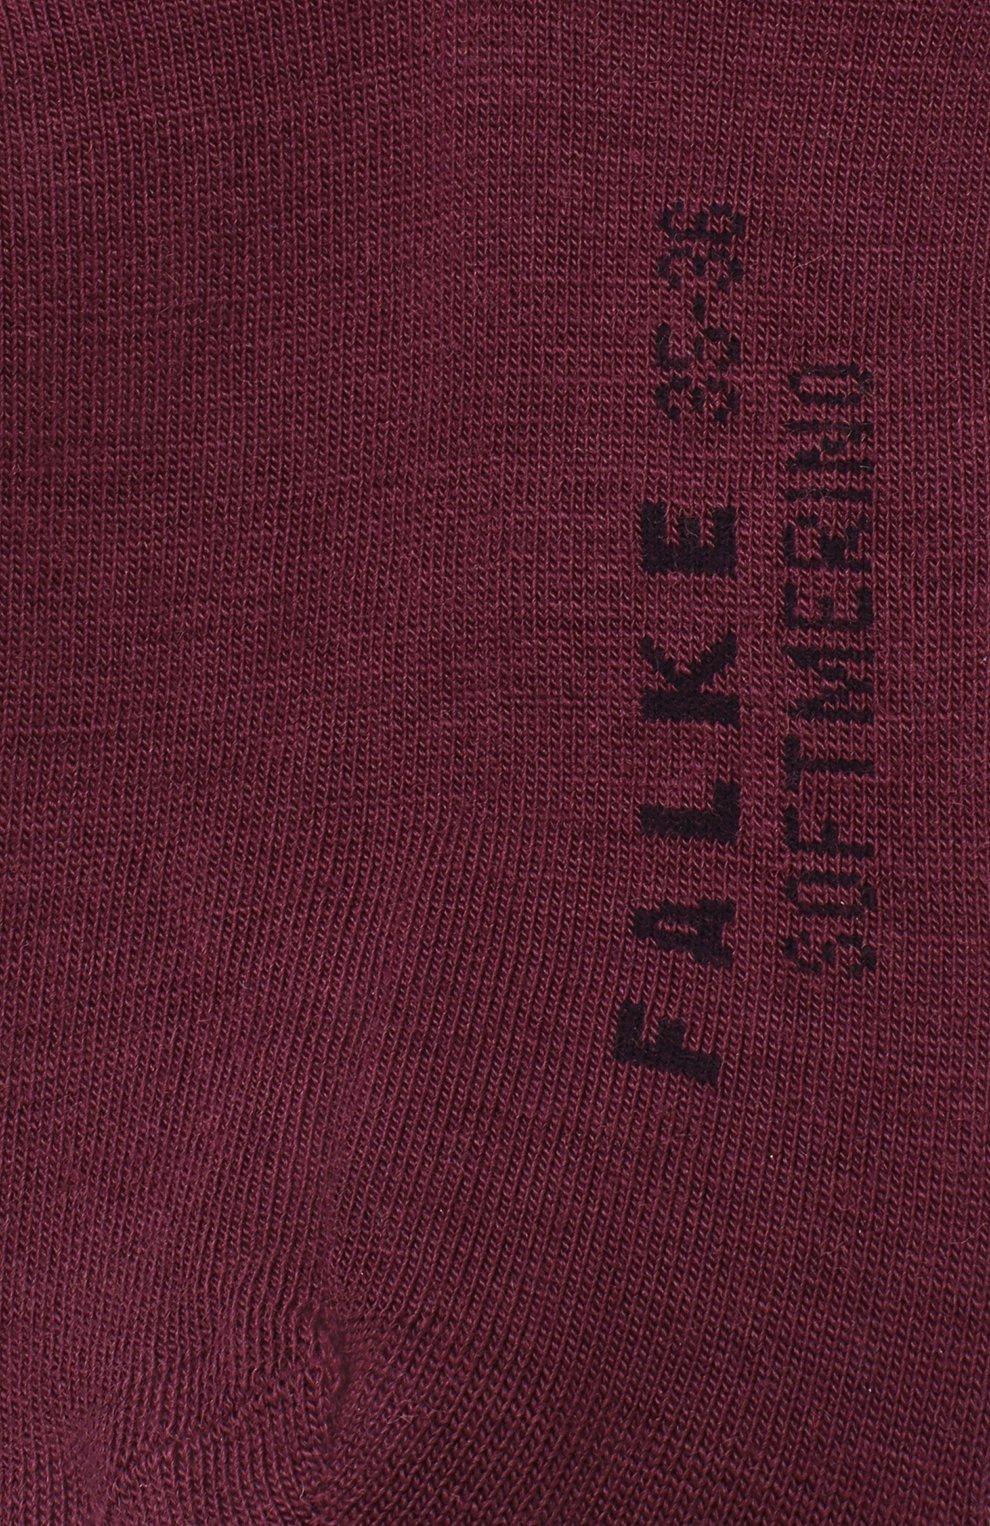 Женские носки softmerino из смеси шерсти и хлопка FALKE бордового цвета, арт. 47488_18_   Фото 3